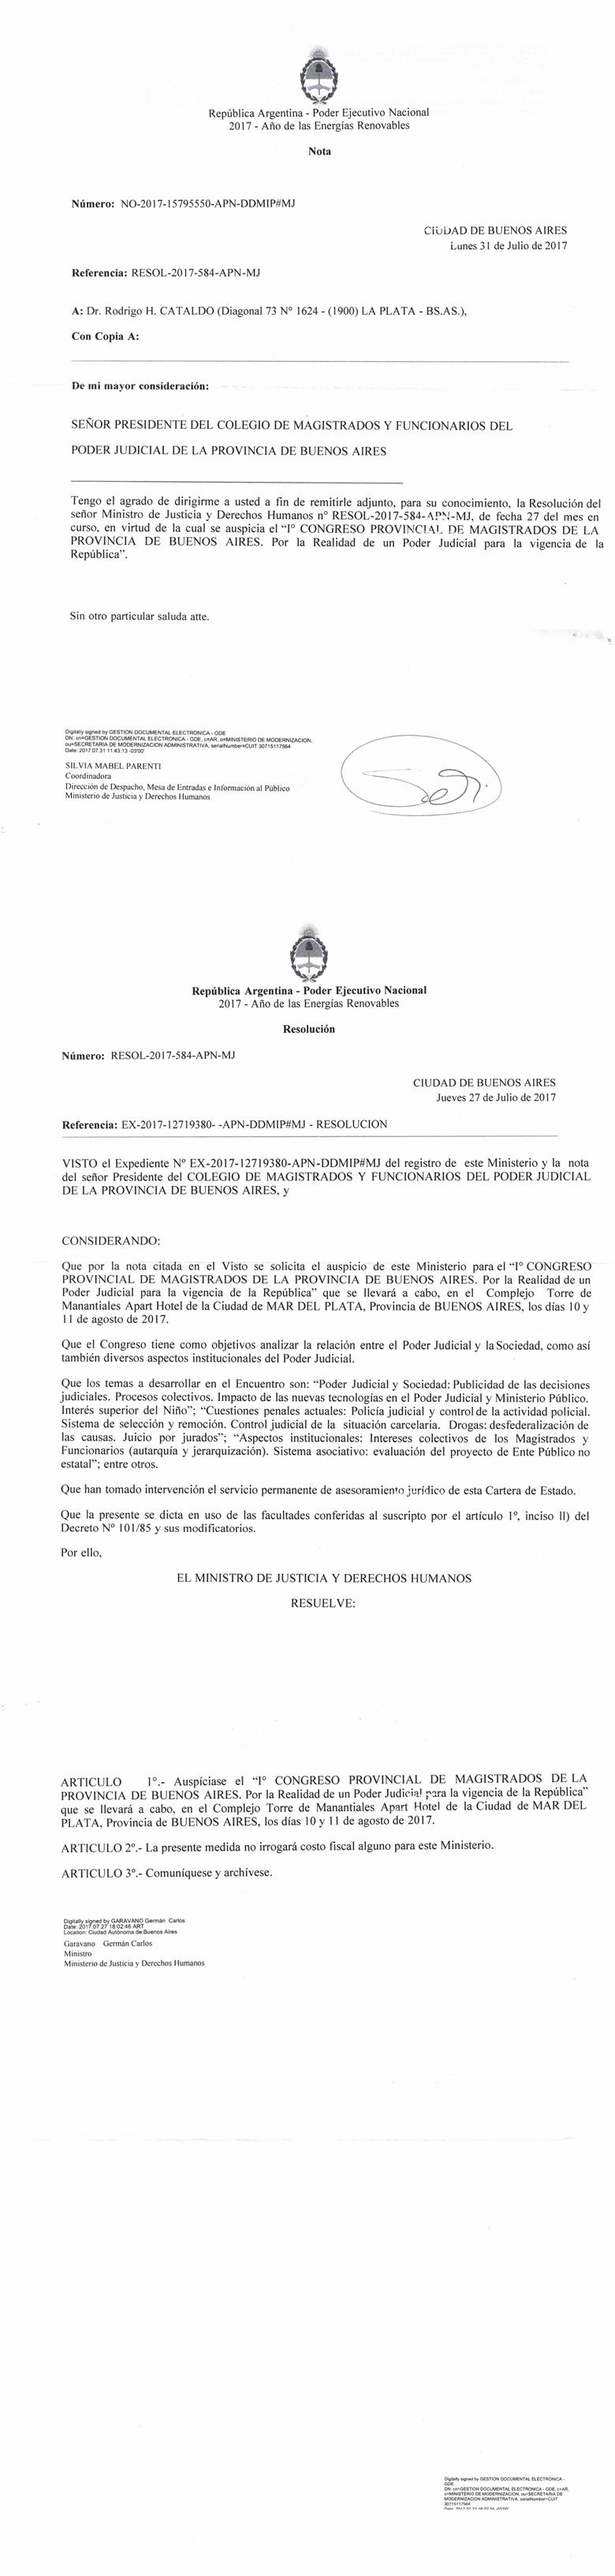 Resolución del Ministerio de Justicia y Derechos Humanos auspiciando el 1º Congreso Provincial de Magistrados de la Provincia de Buenos Aires